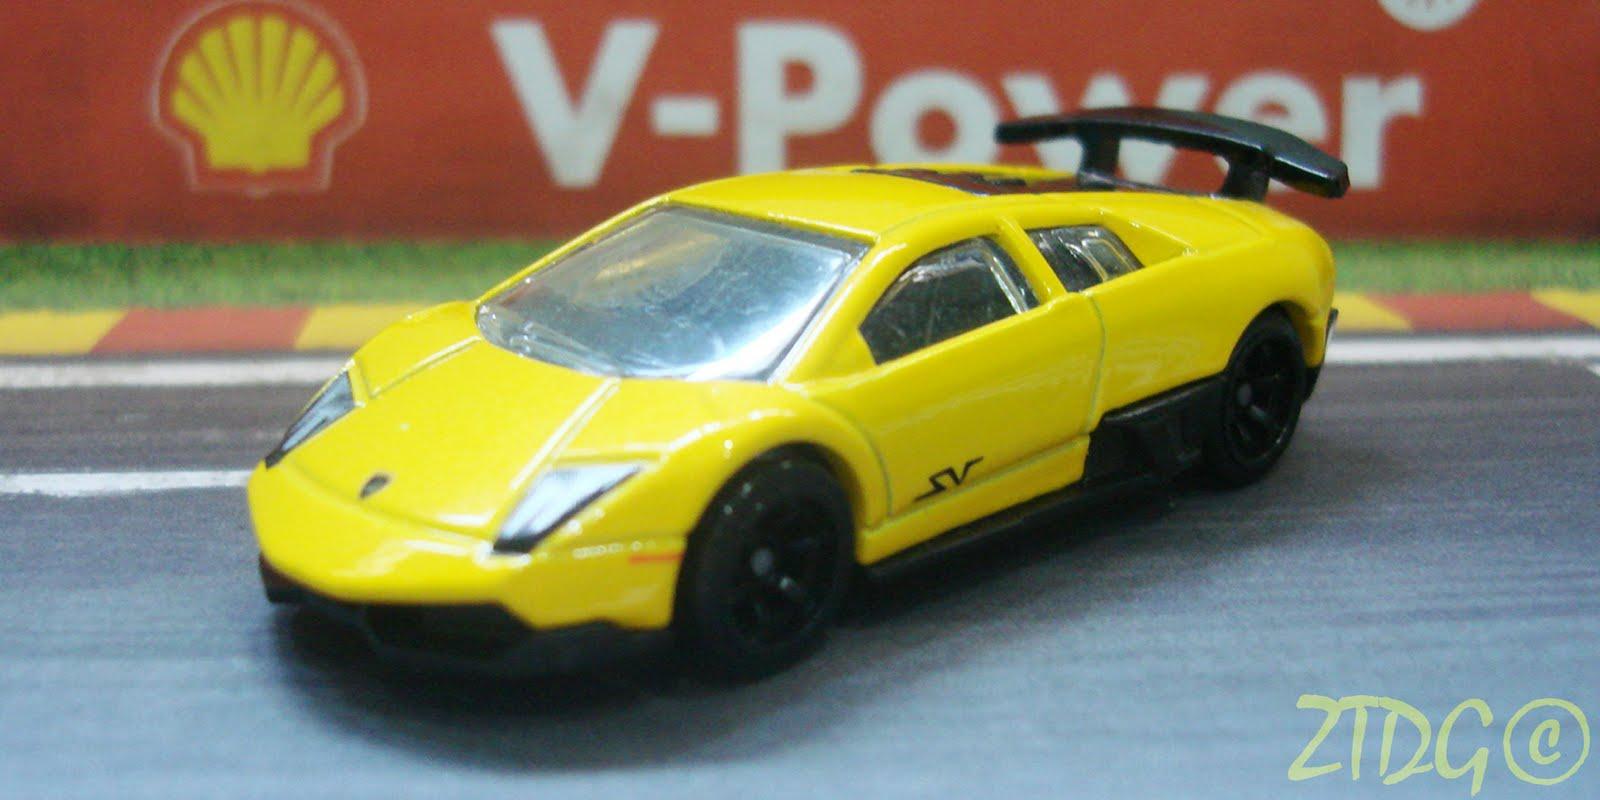 Zt S Dream Garage Hot Wheels Lamborghini Murcielago Lp670 4 Sv